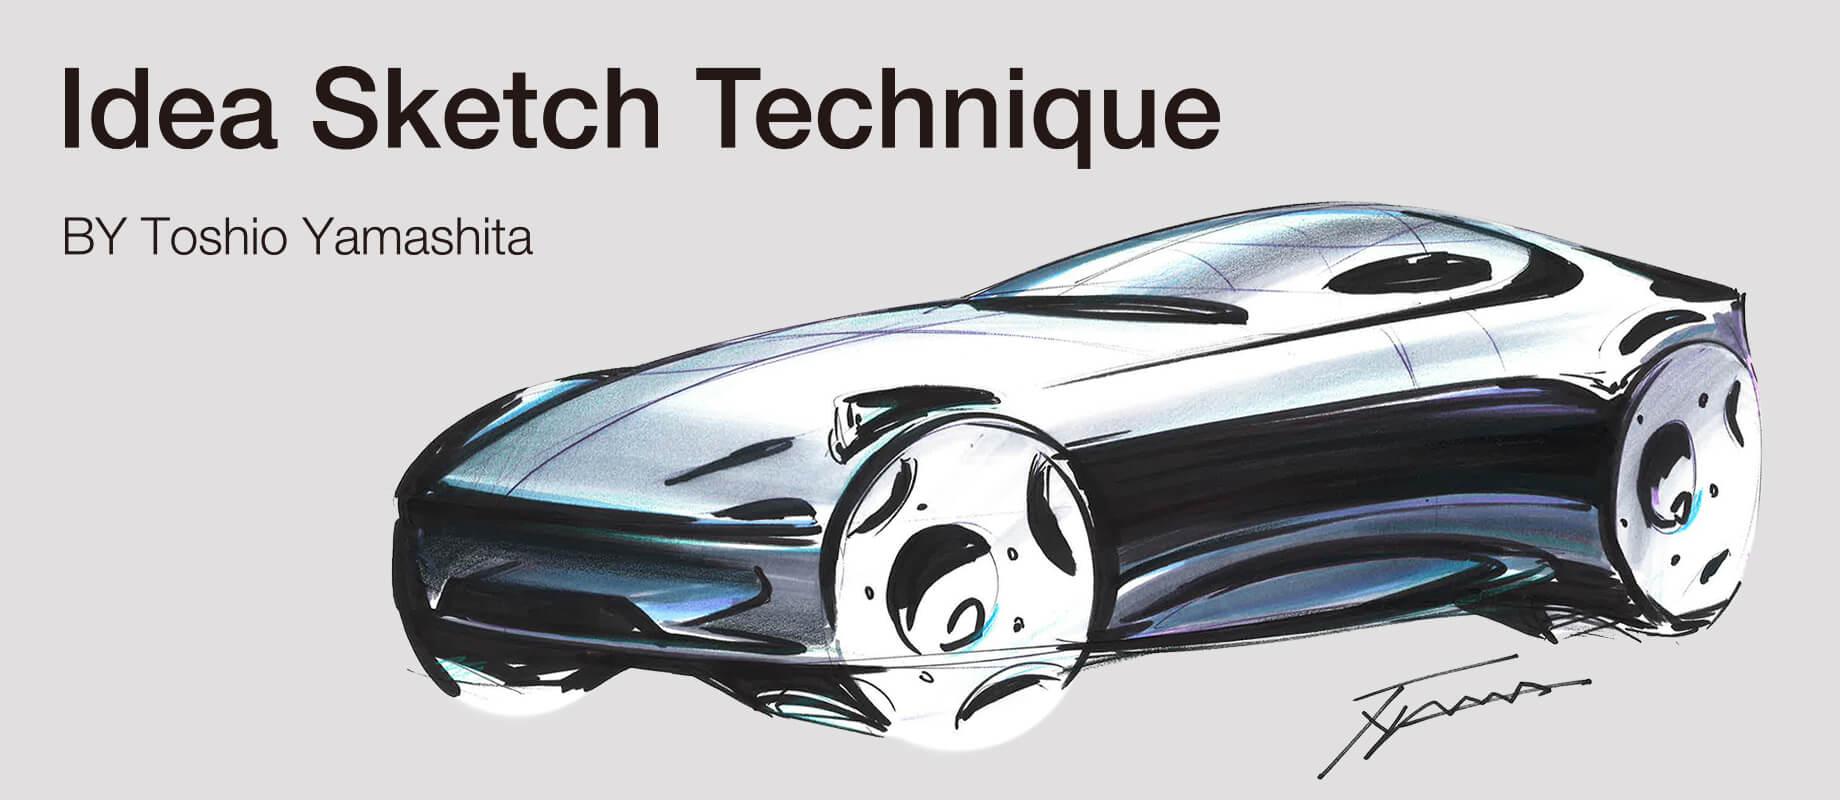 ToshioYamashita,copic,copicmarkers,copic sketch,design,car,car design, markers